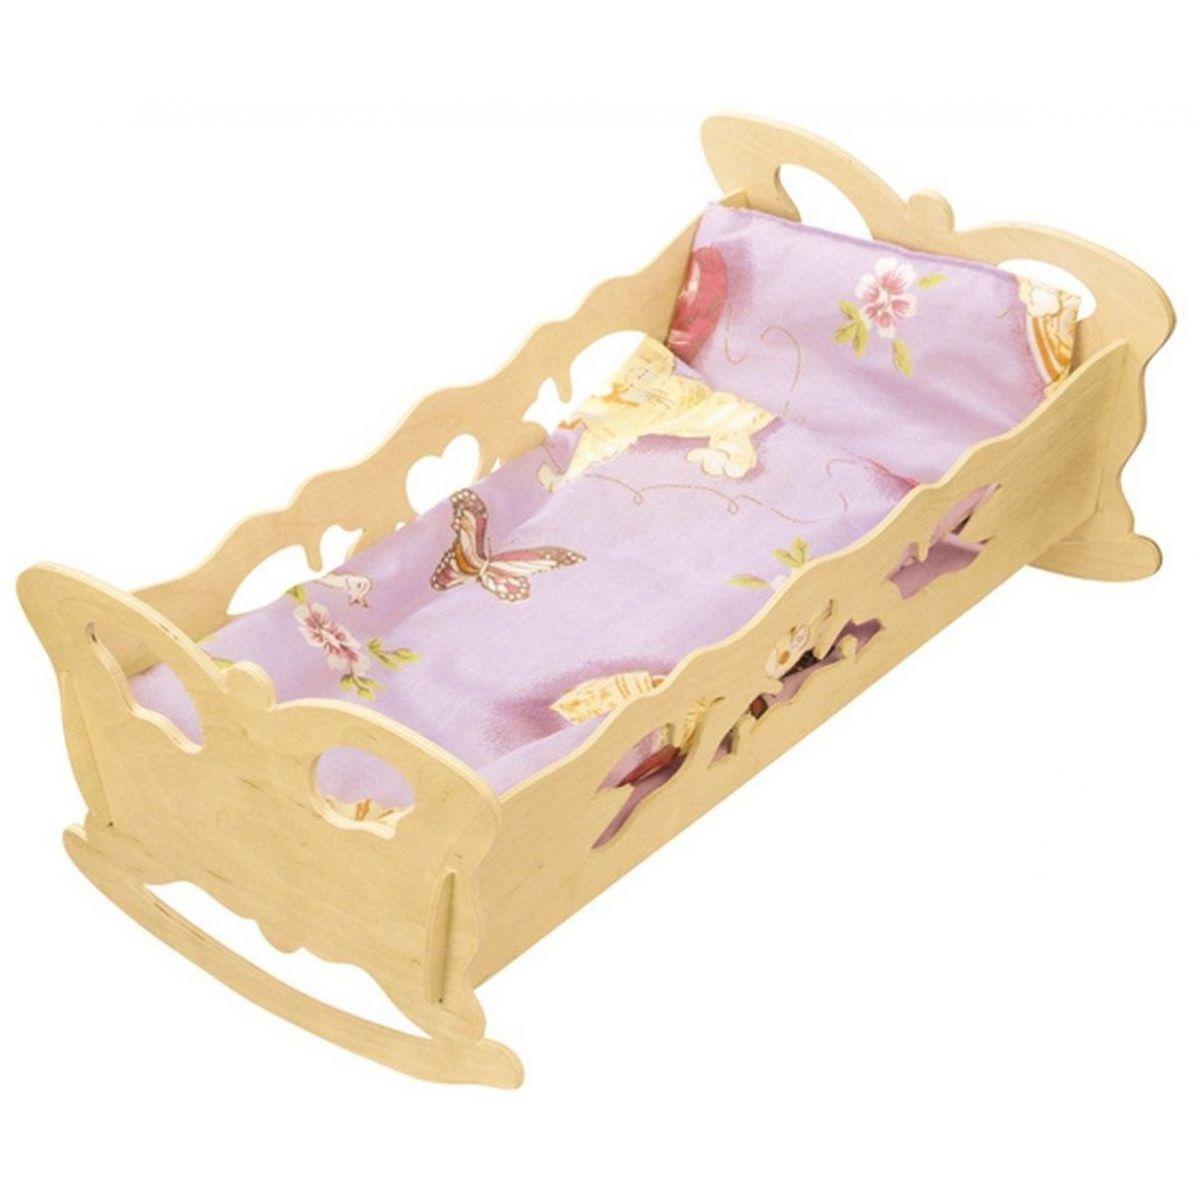 Kolébka pro panenky dřevěná extra velká 47 cm panenky s peřinkou medvídek